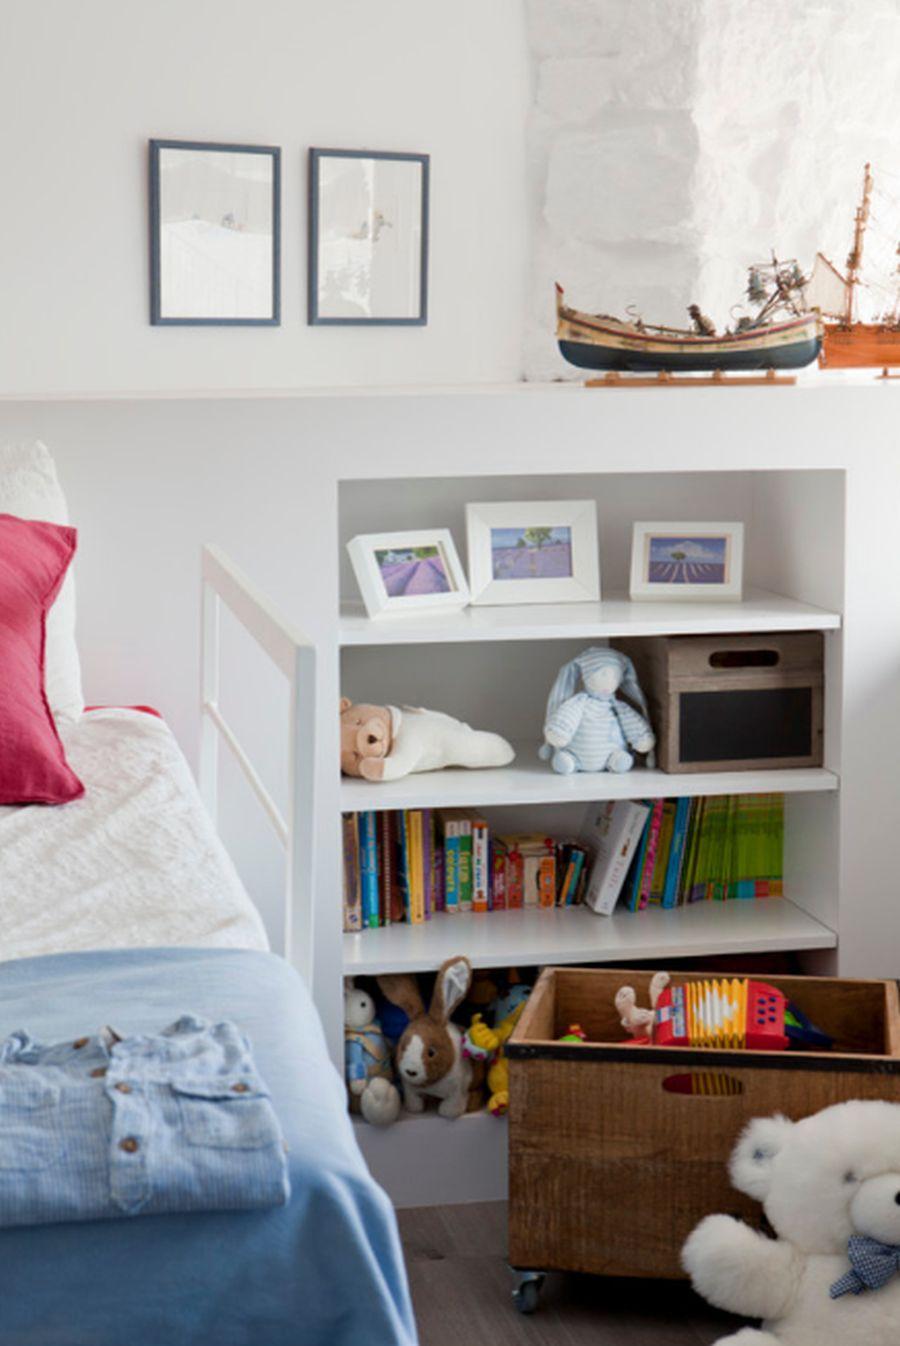 adelaparvu.com despre apartament duplex cu vedere la mare, Costa Brava, designer Pia Capdevila (15)